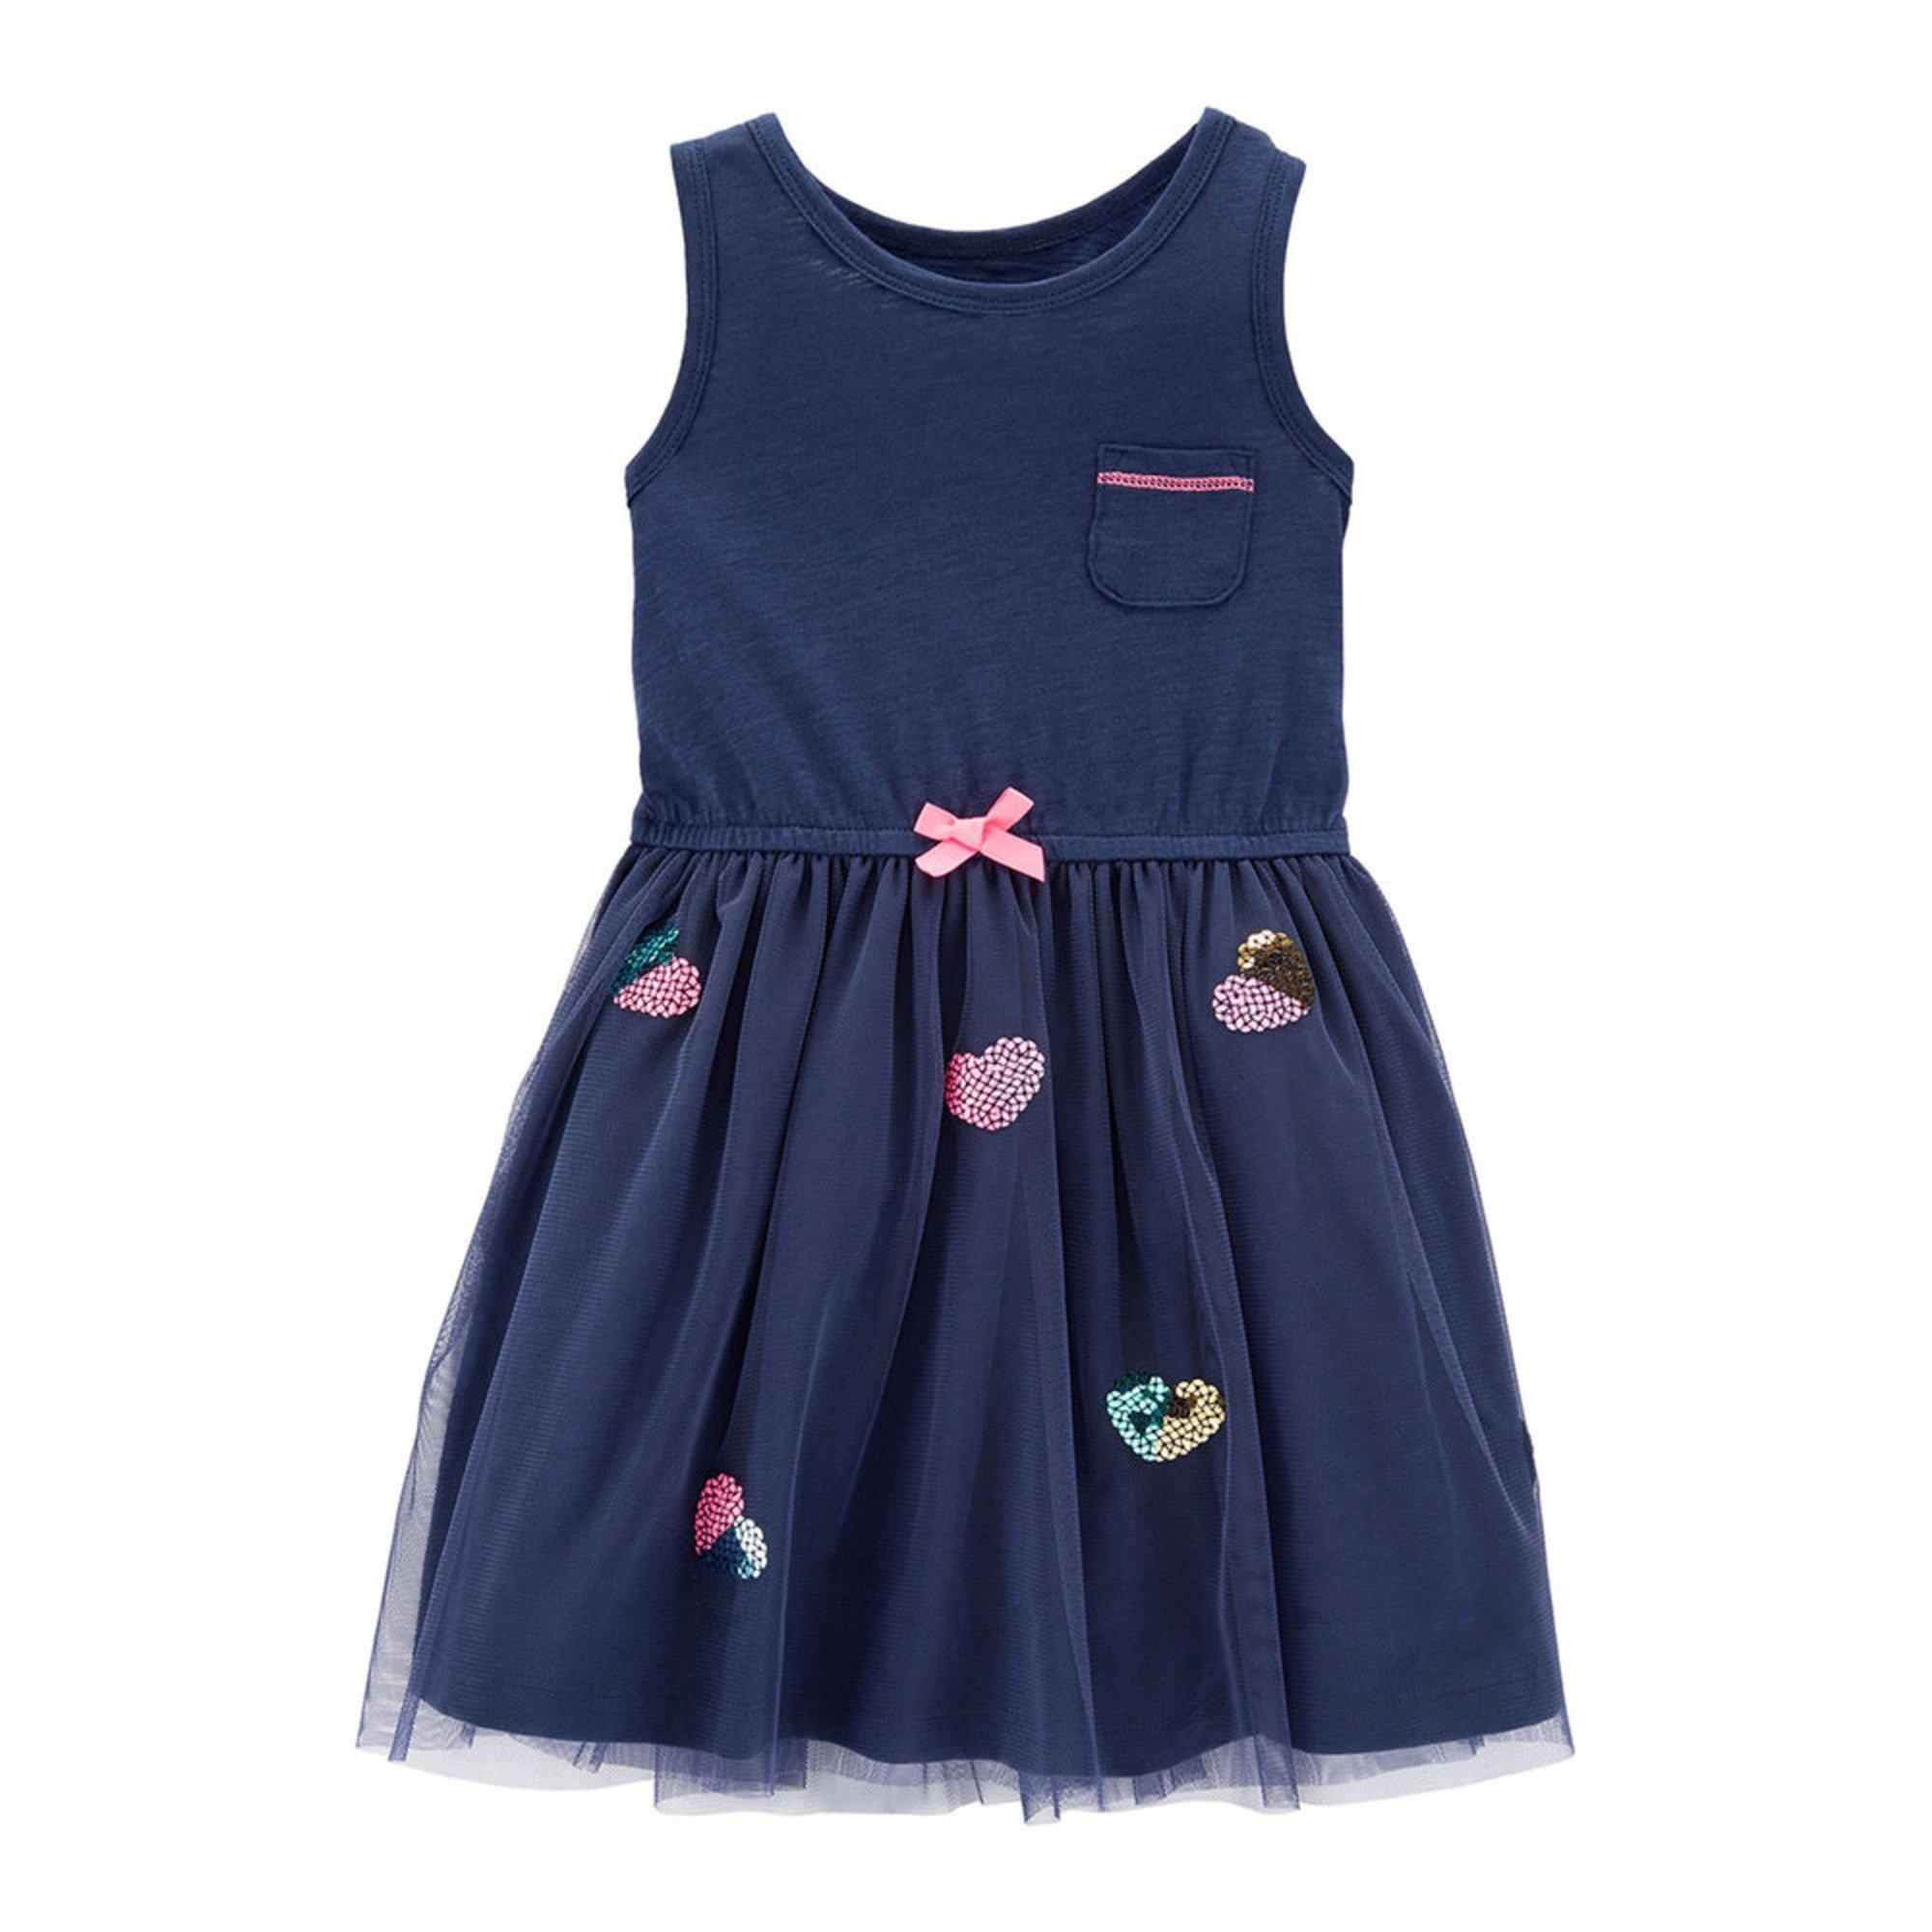 69c632581df6 Carter s Toddler Girls  Heart Print Knit Dress